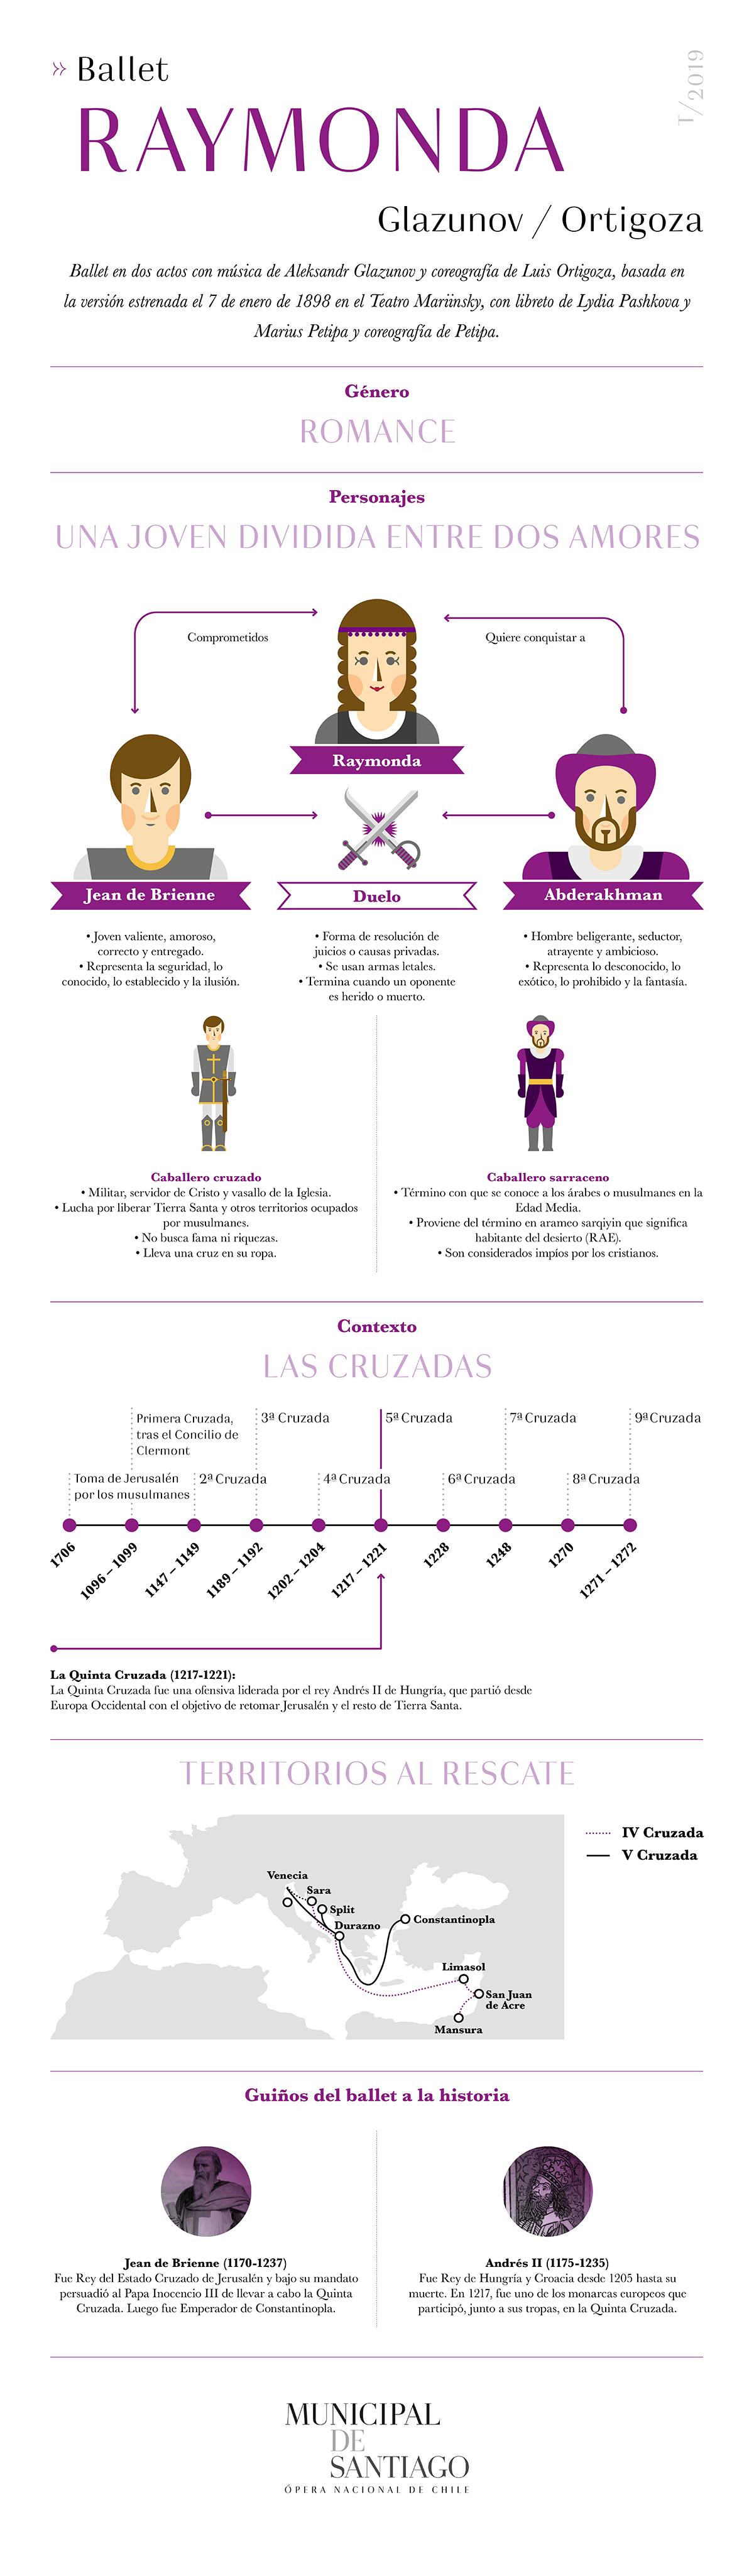 Ballet Raymonda Infografía Municipal de Santiago